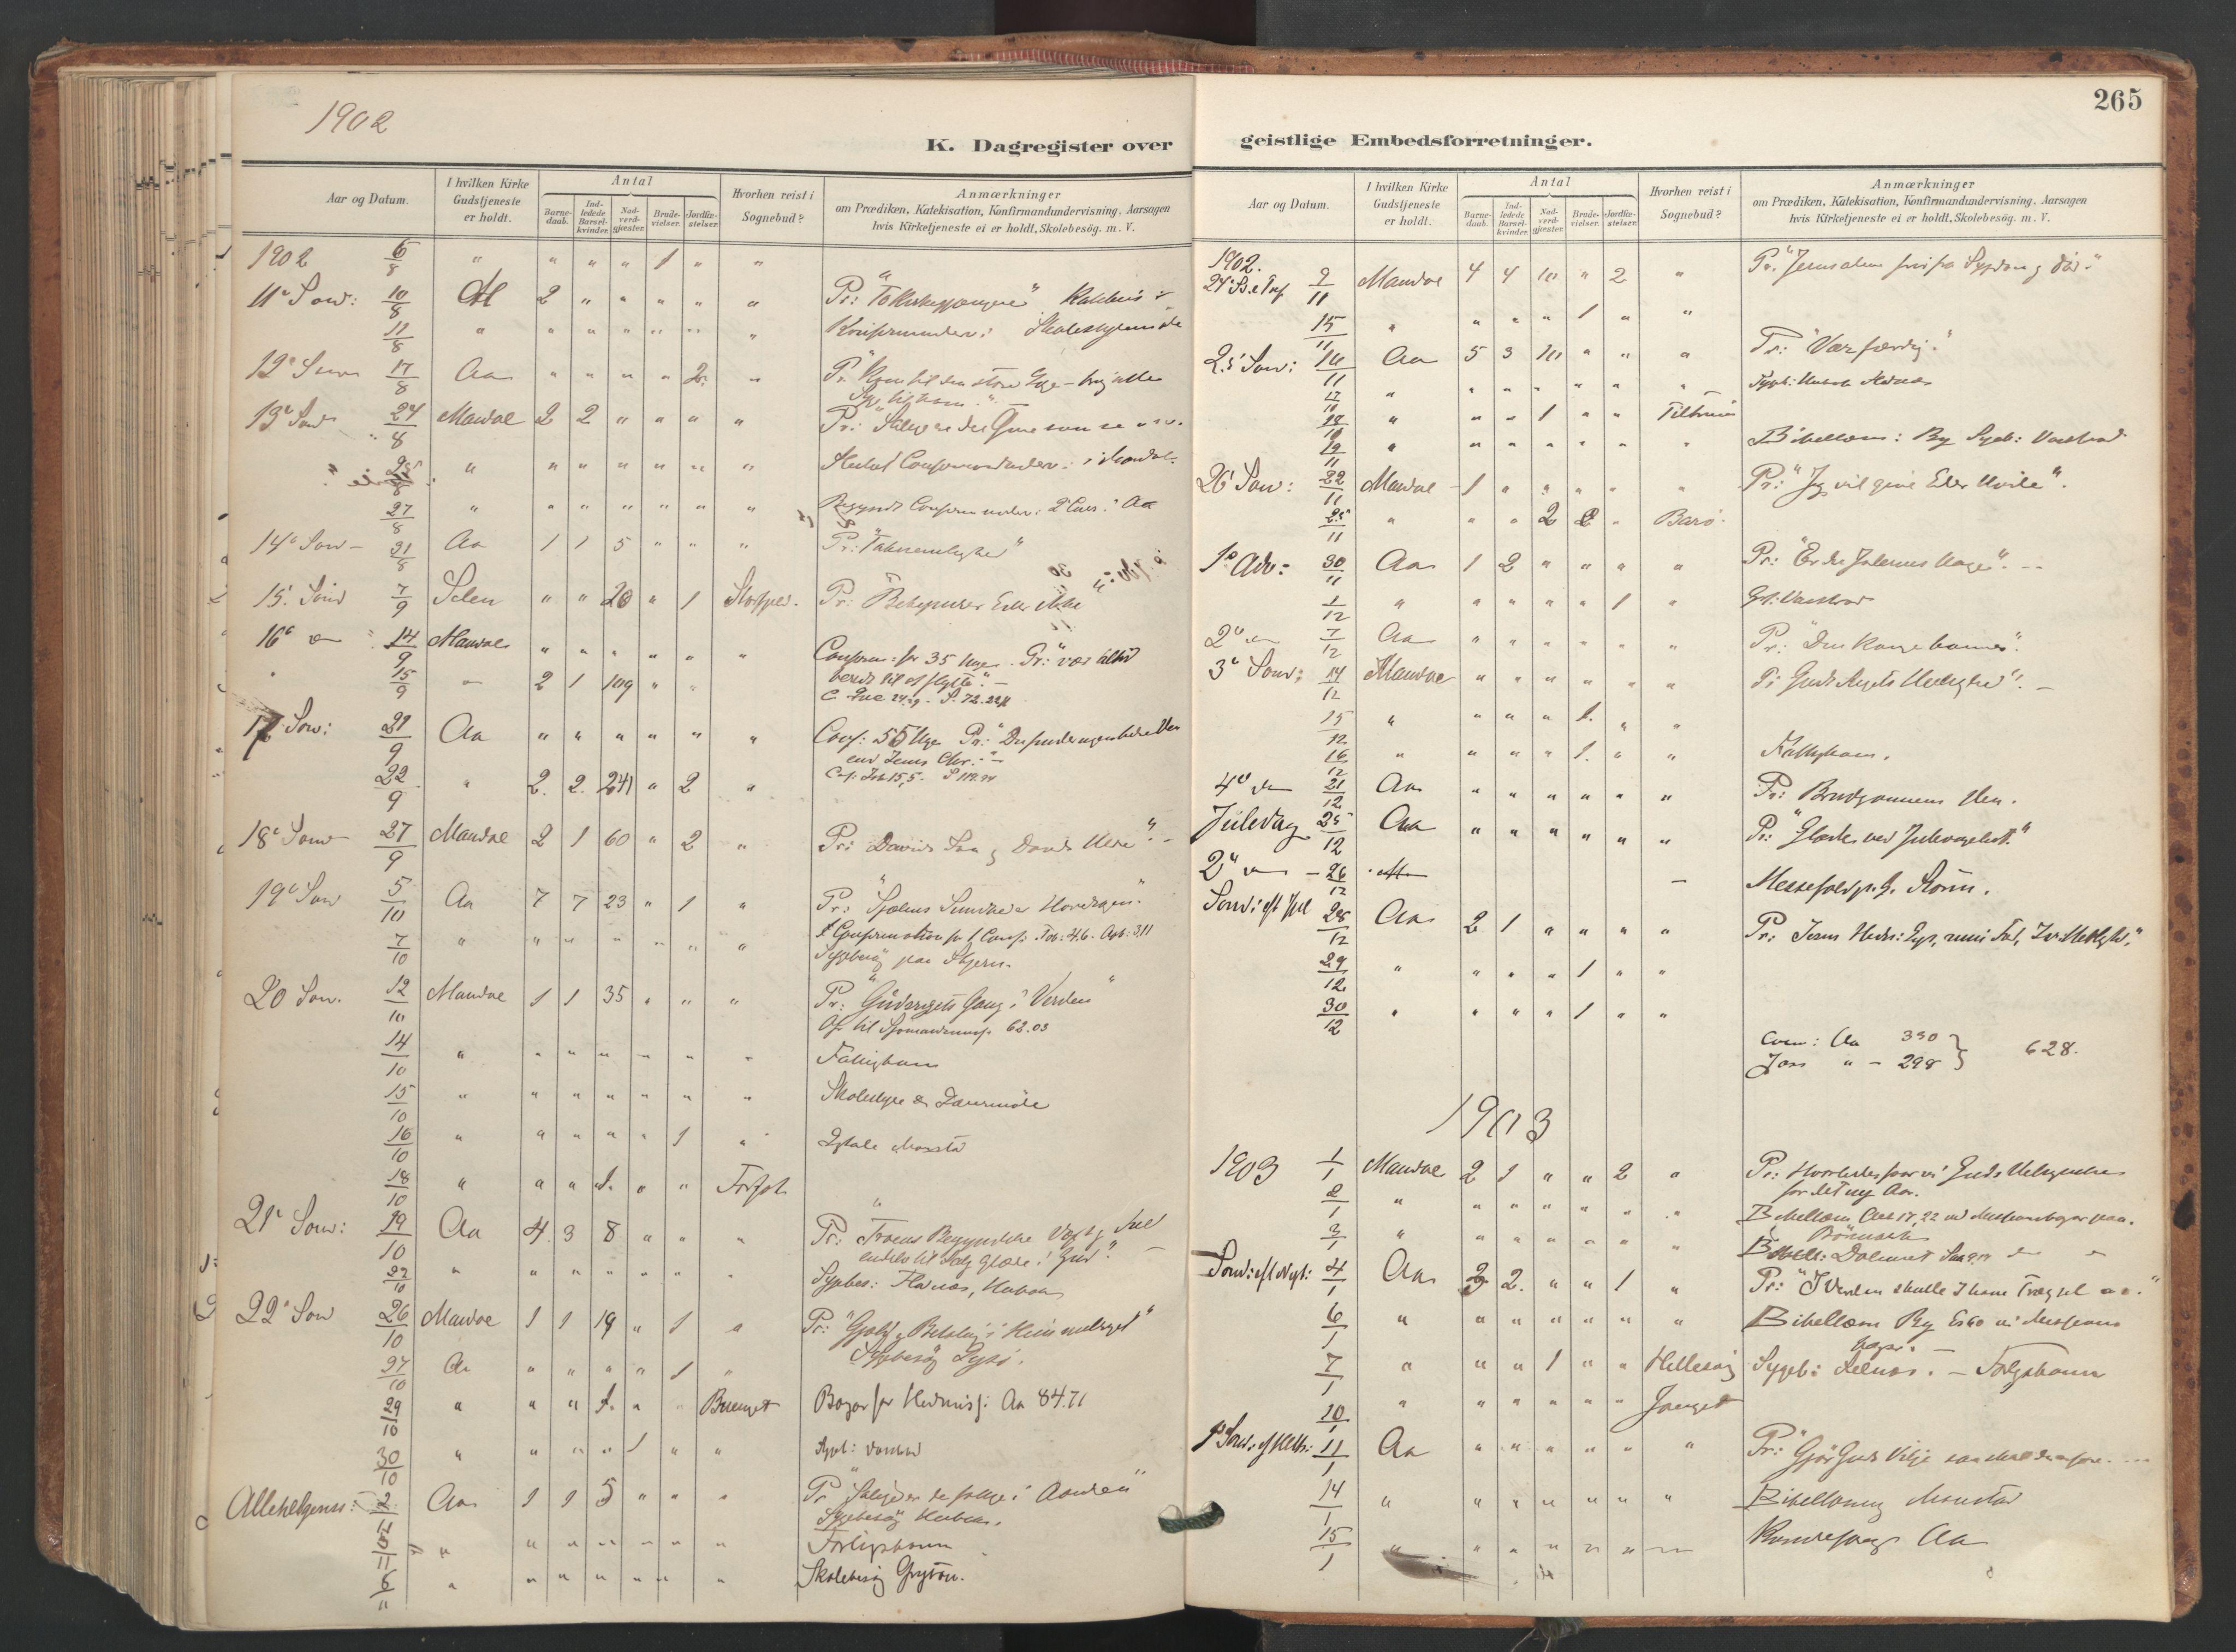 SAT, Ministerialprotokoller, klokkerbøker og fødselsregistre - Sør-Trøndelag, 655/L0681: Ministerialbok nr. 655A10, 1895-1907, s. 265